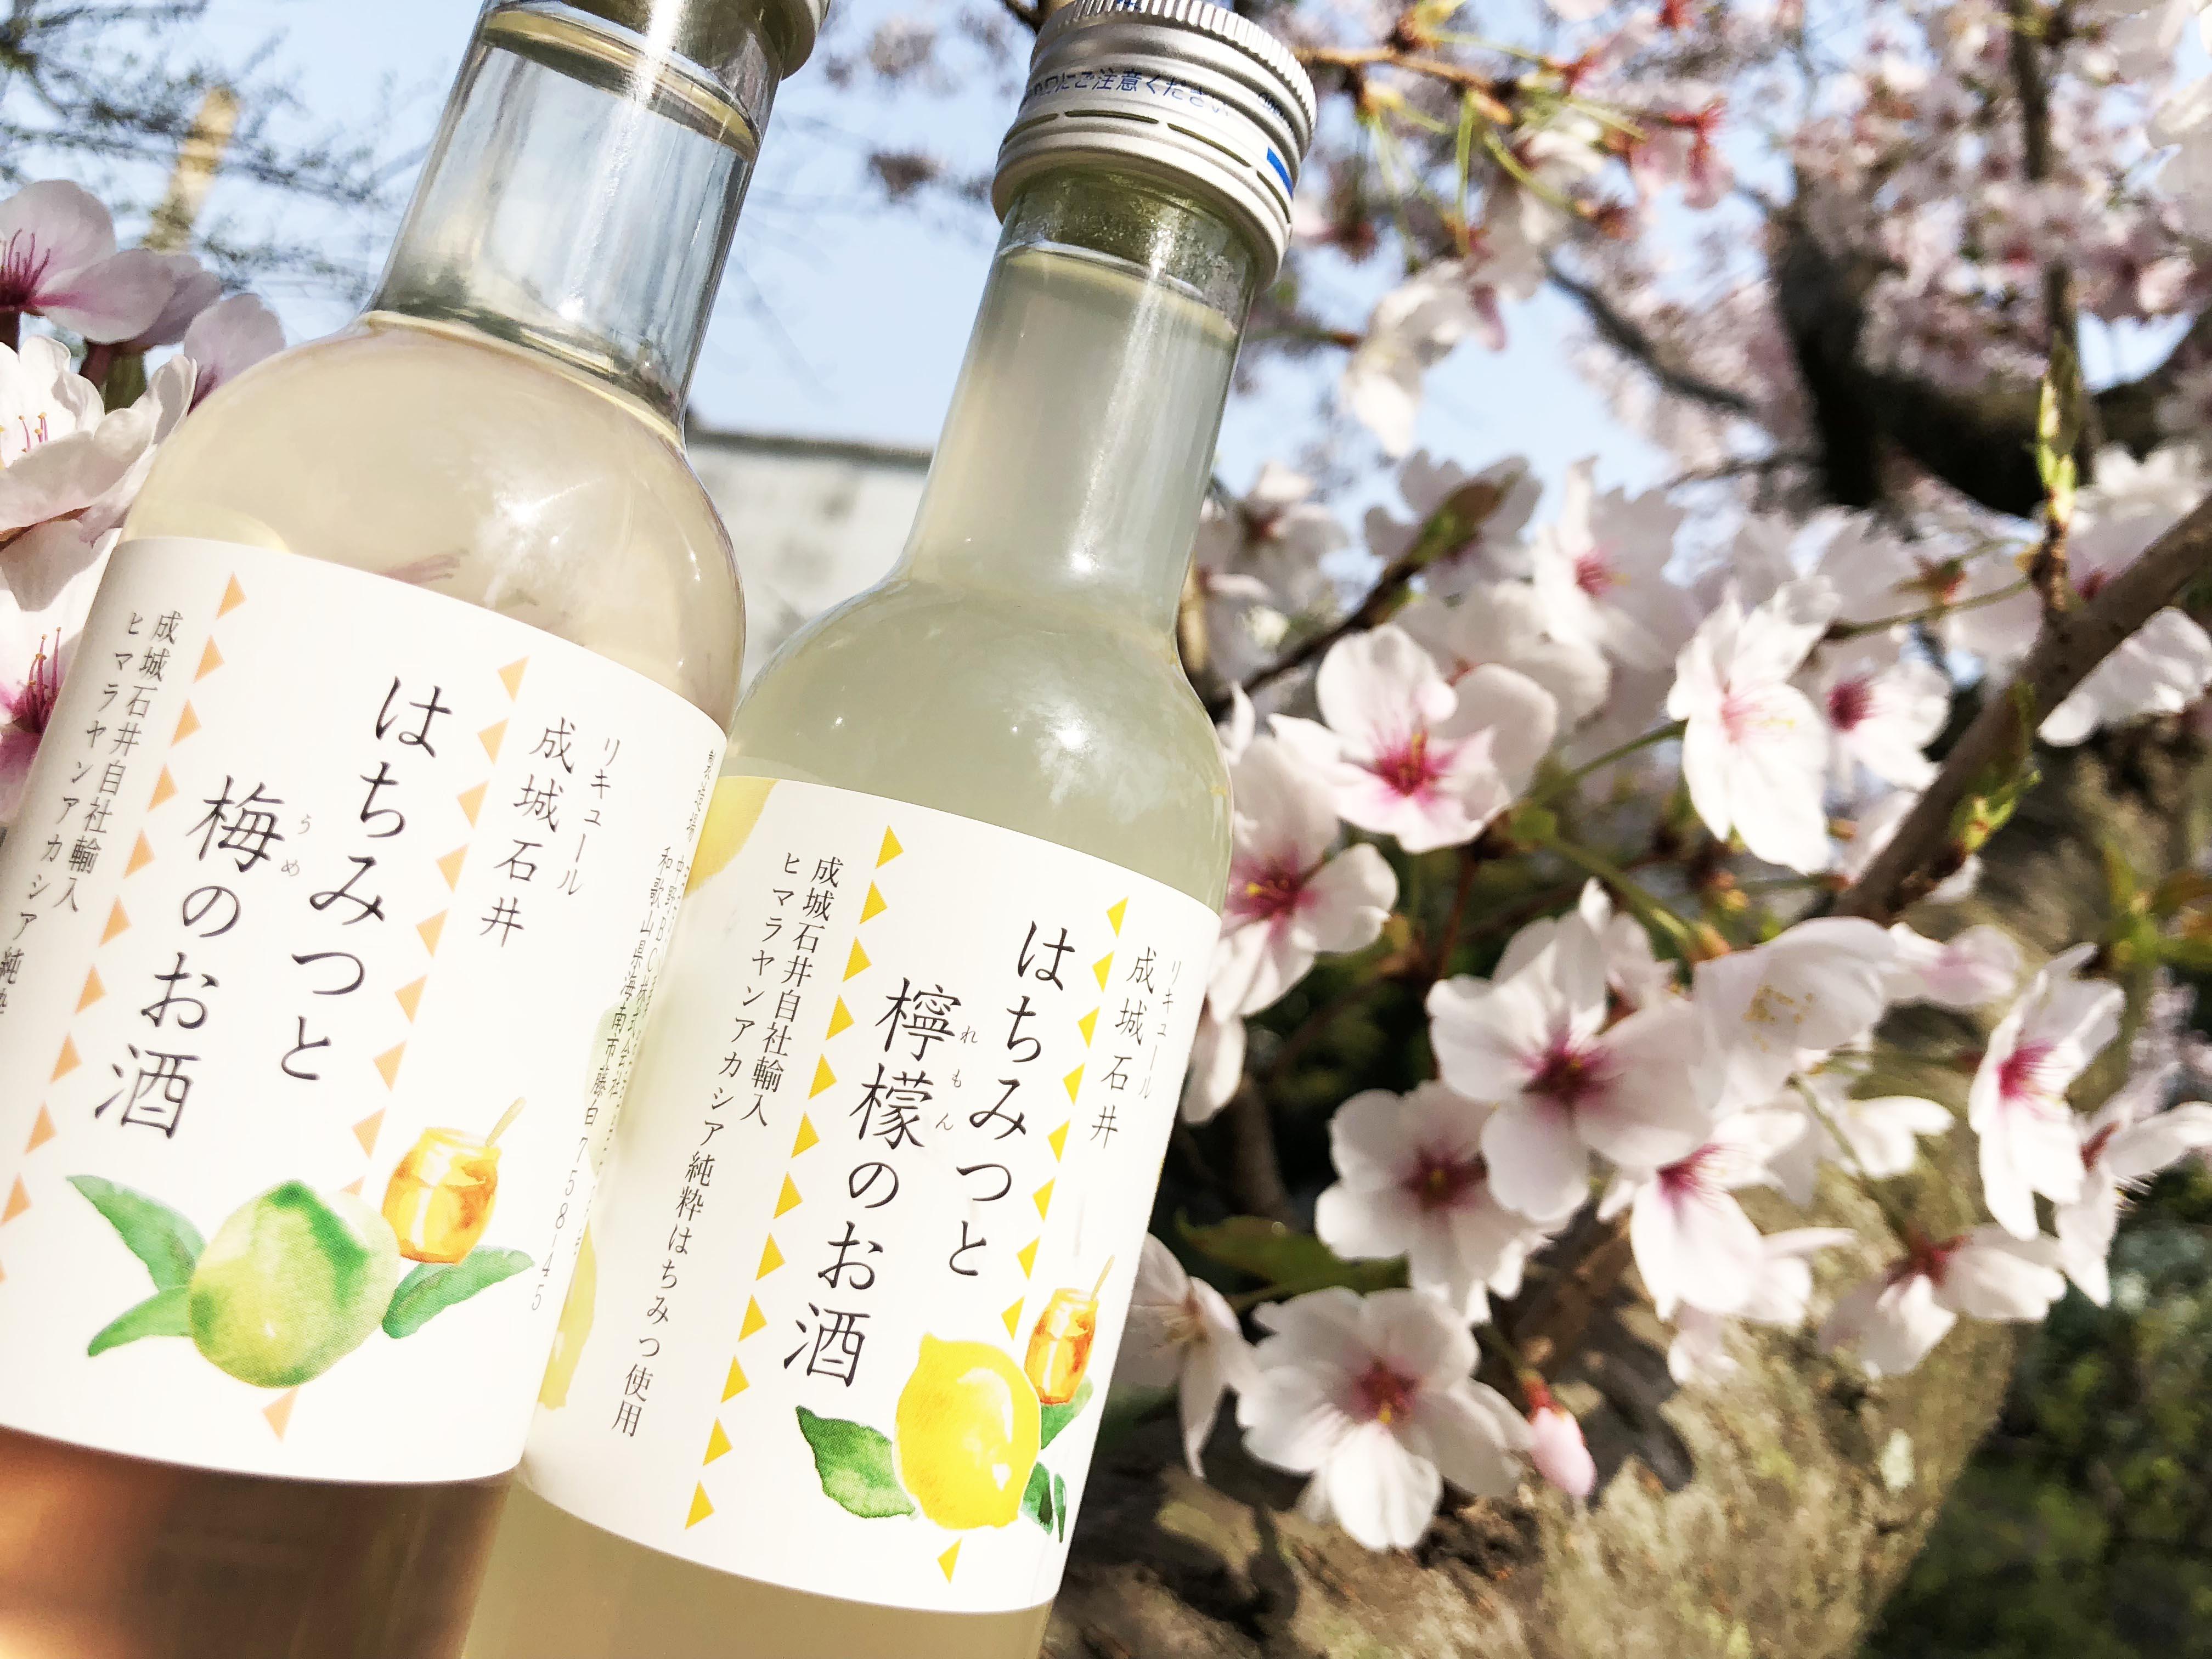 梅酒と違う中野BCの新しいリキュール発売!!@成城石井